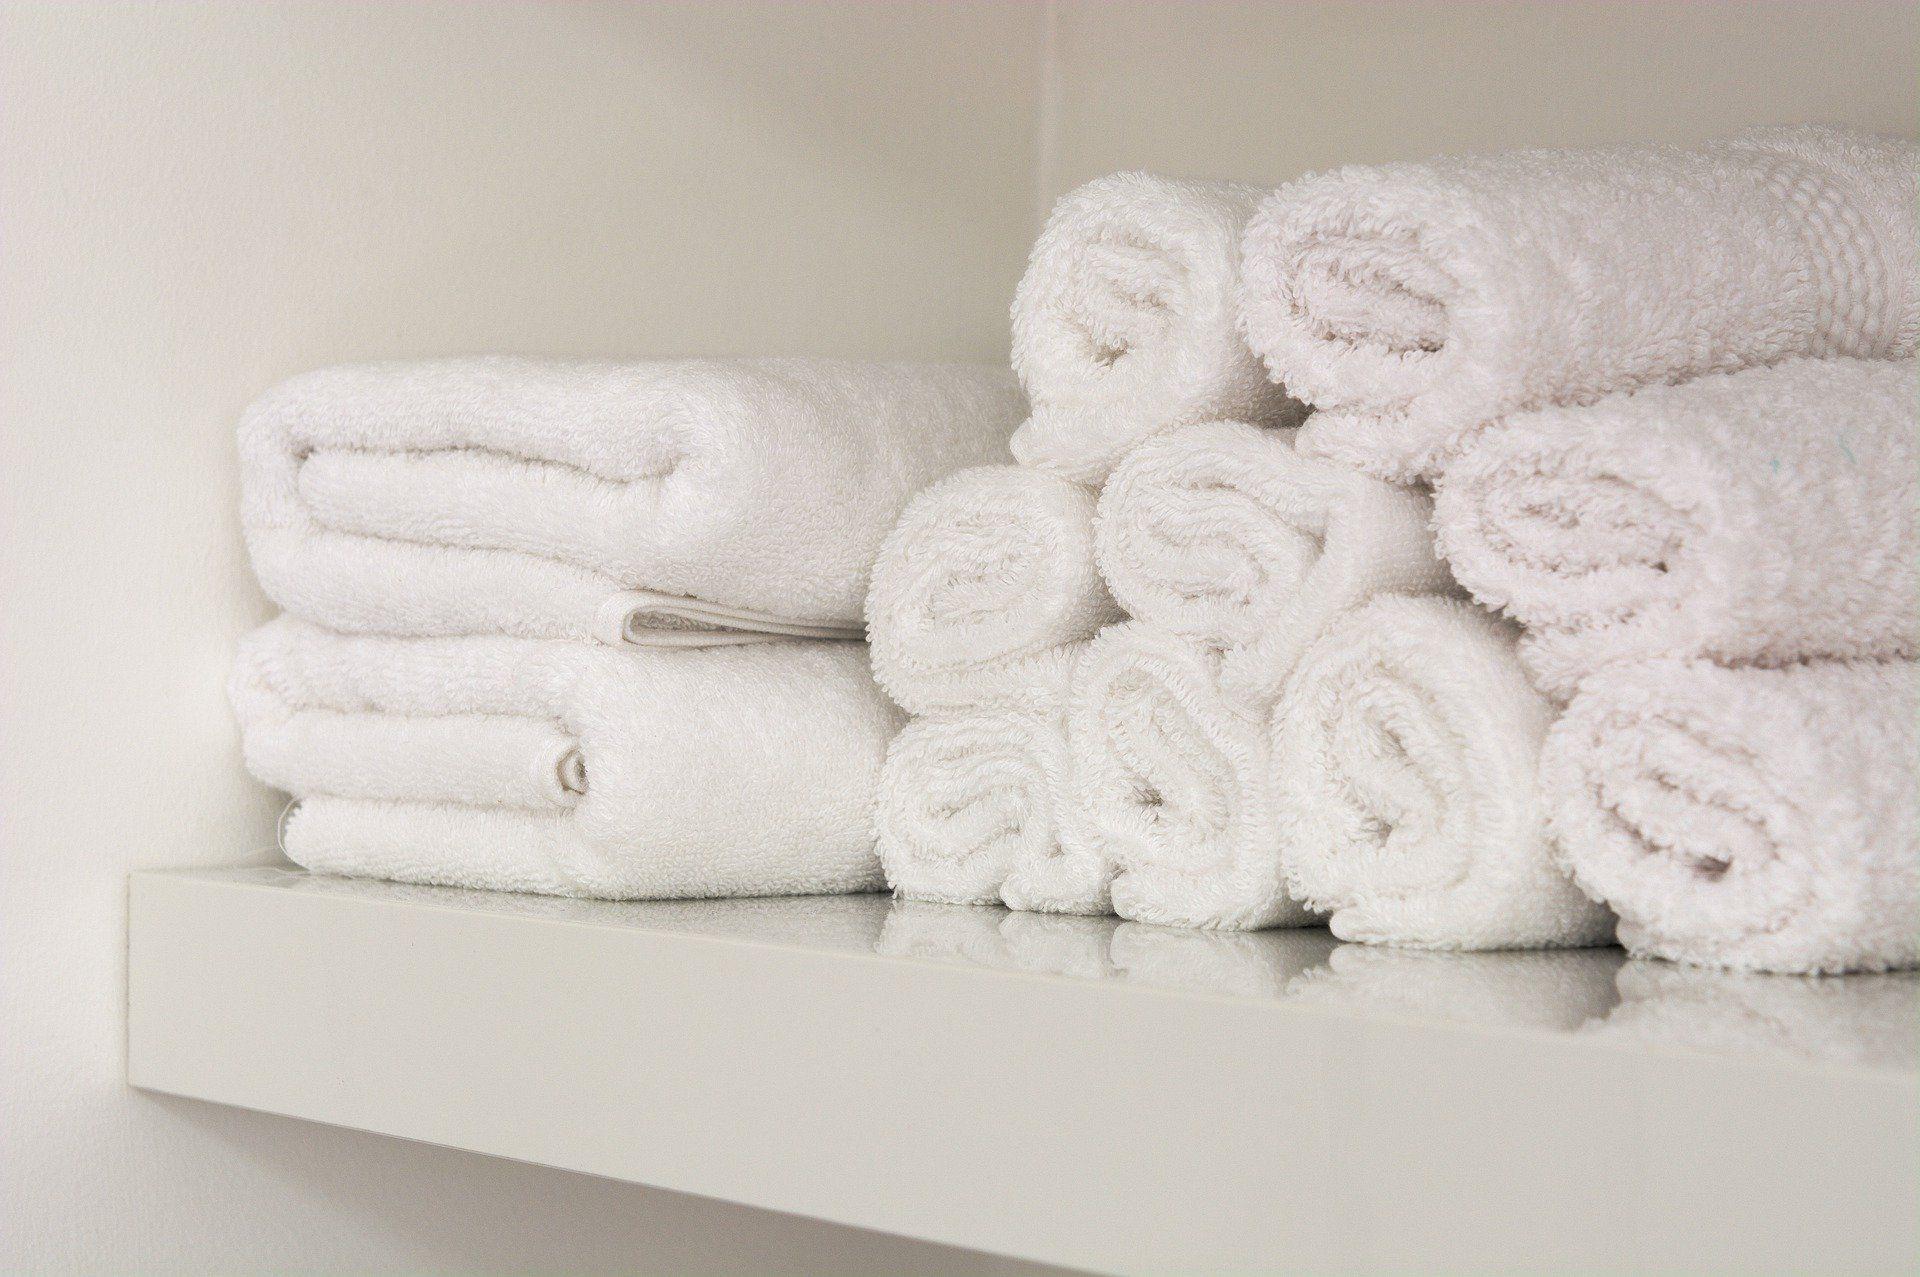 Como lavar las toallas para eliminar virus y bacterias